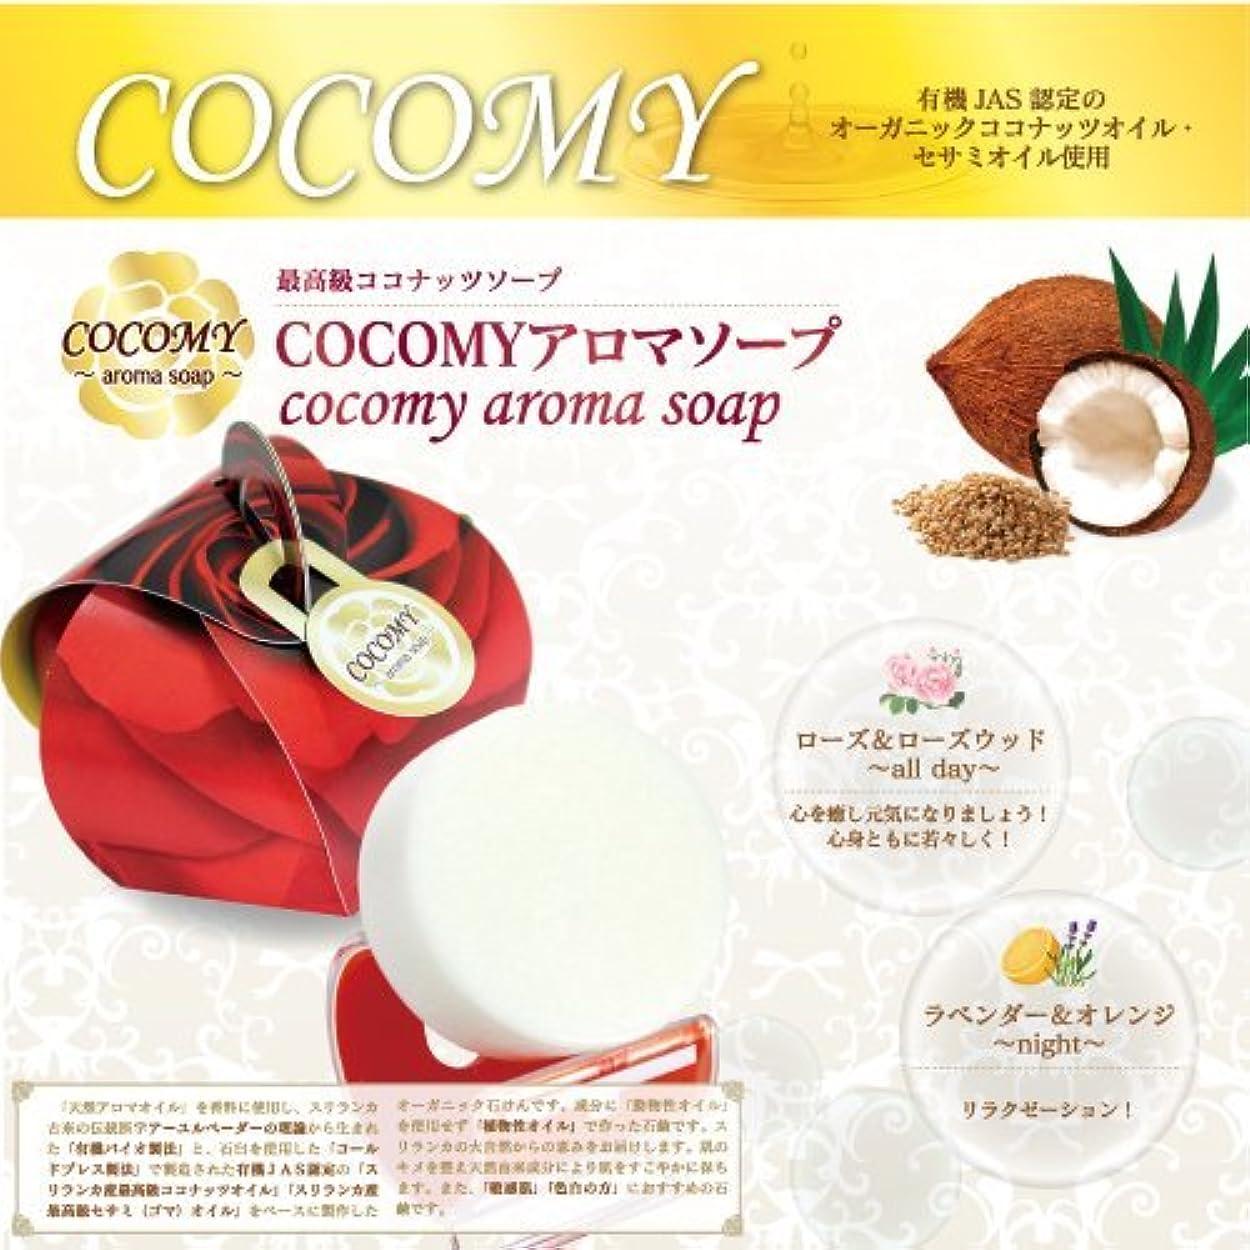 ピンポイント凝縮する受信機COCOMY aromaソープ 4個セット (ラベンダー&オレンジ)(ローズ&ローズウッド) 40g×各2